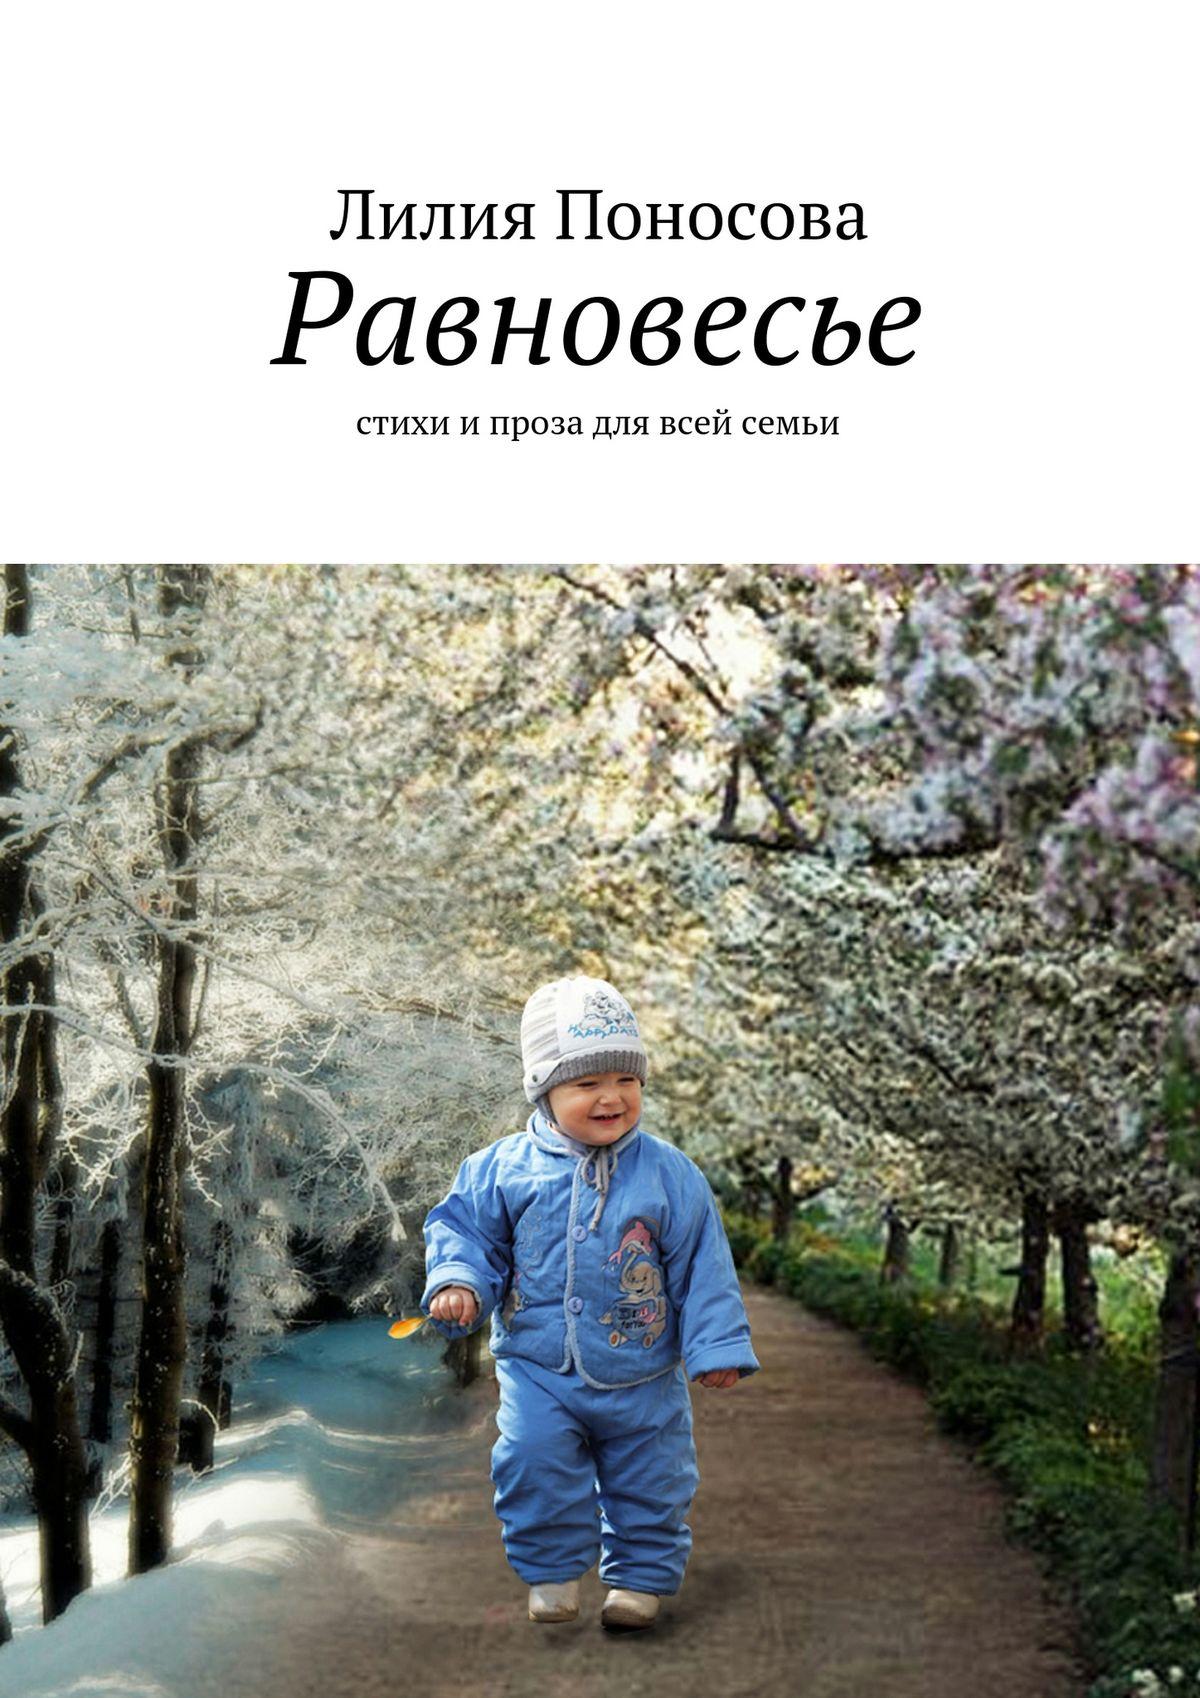 Лилия Поносова Равновесье. стихи и проза для всей семьи